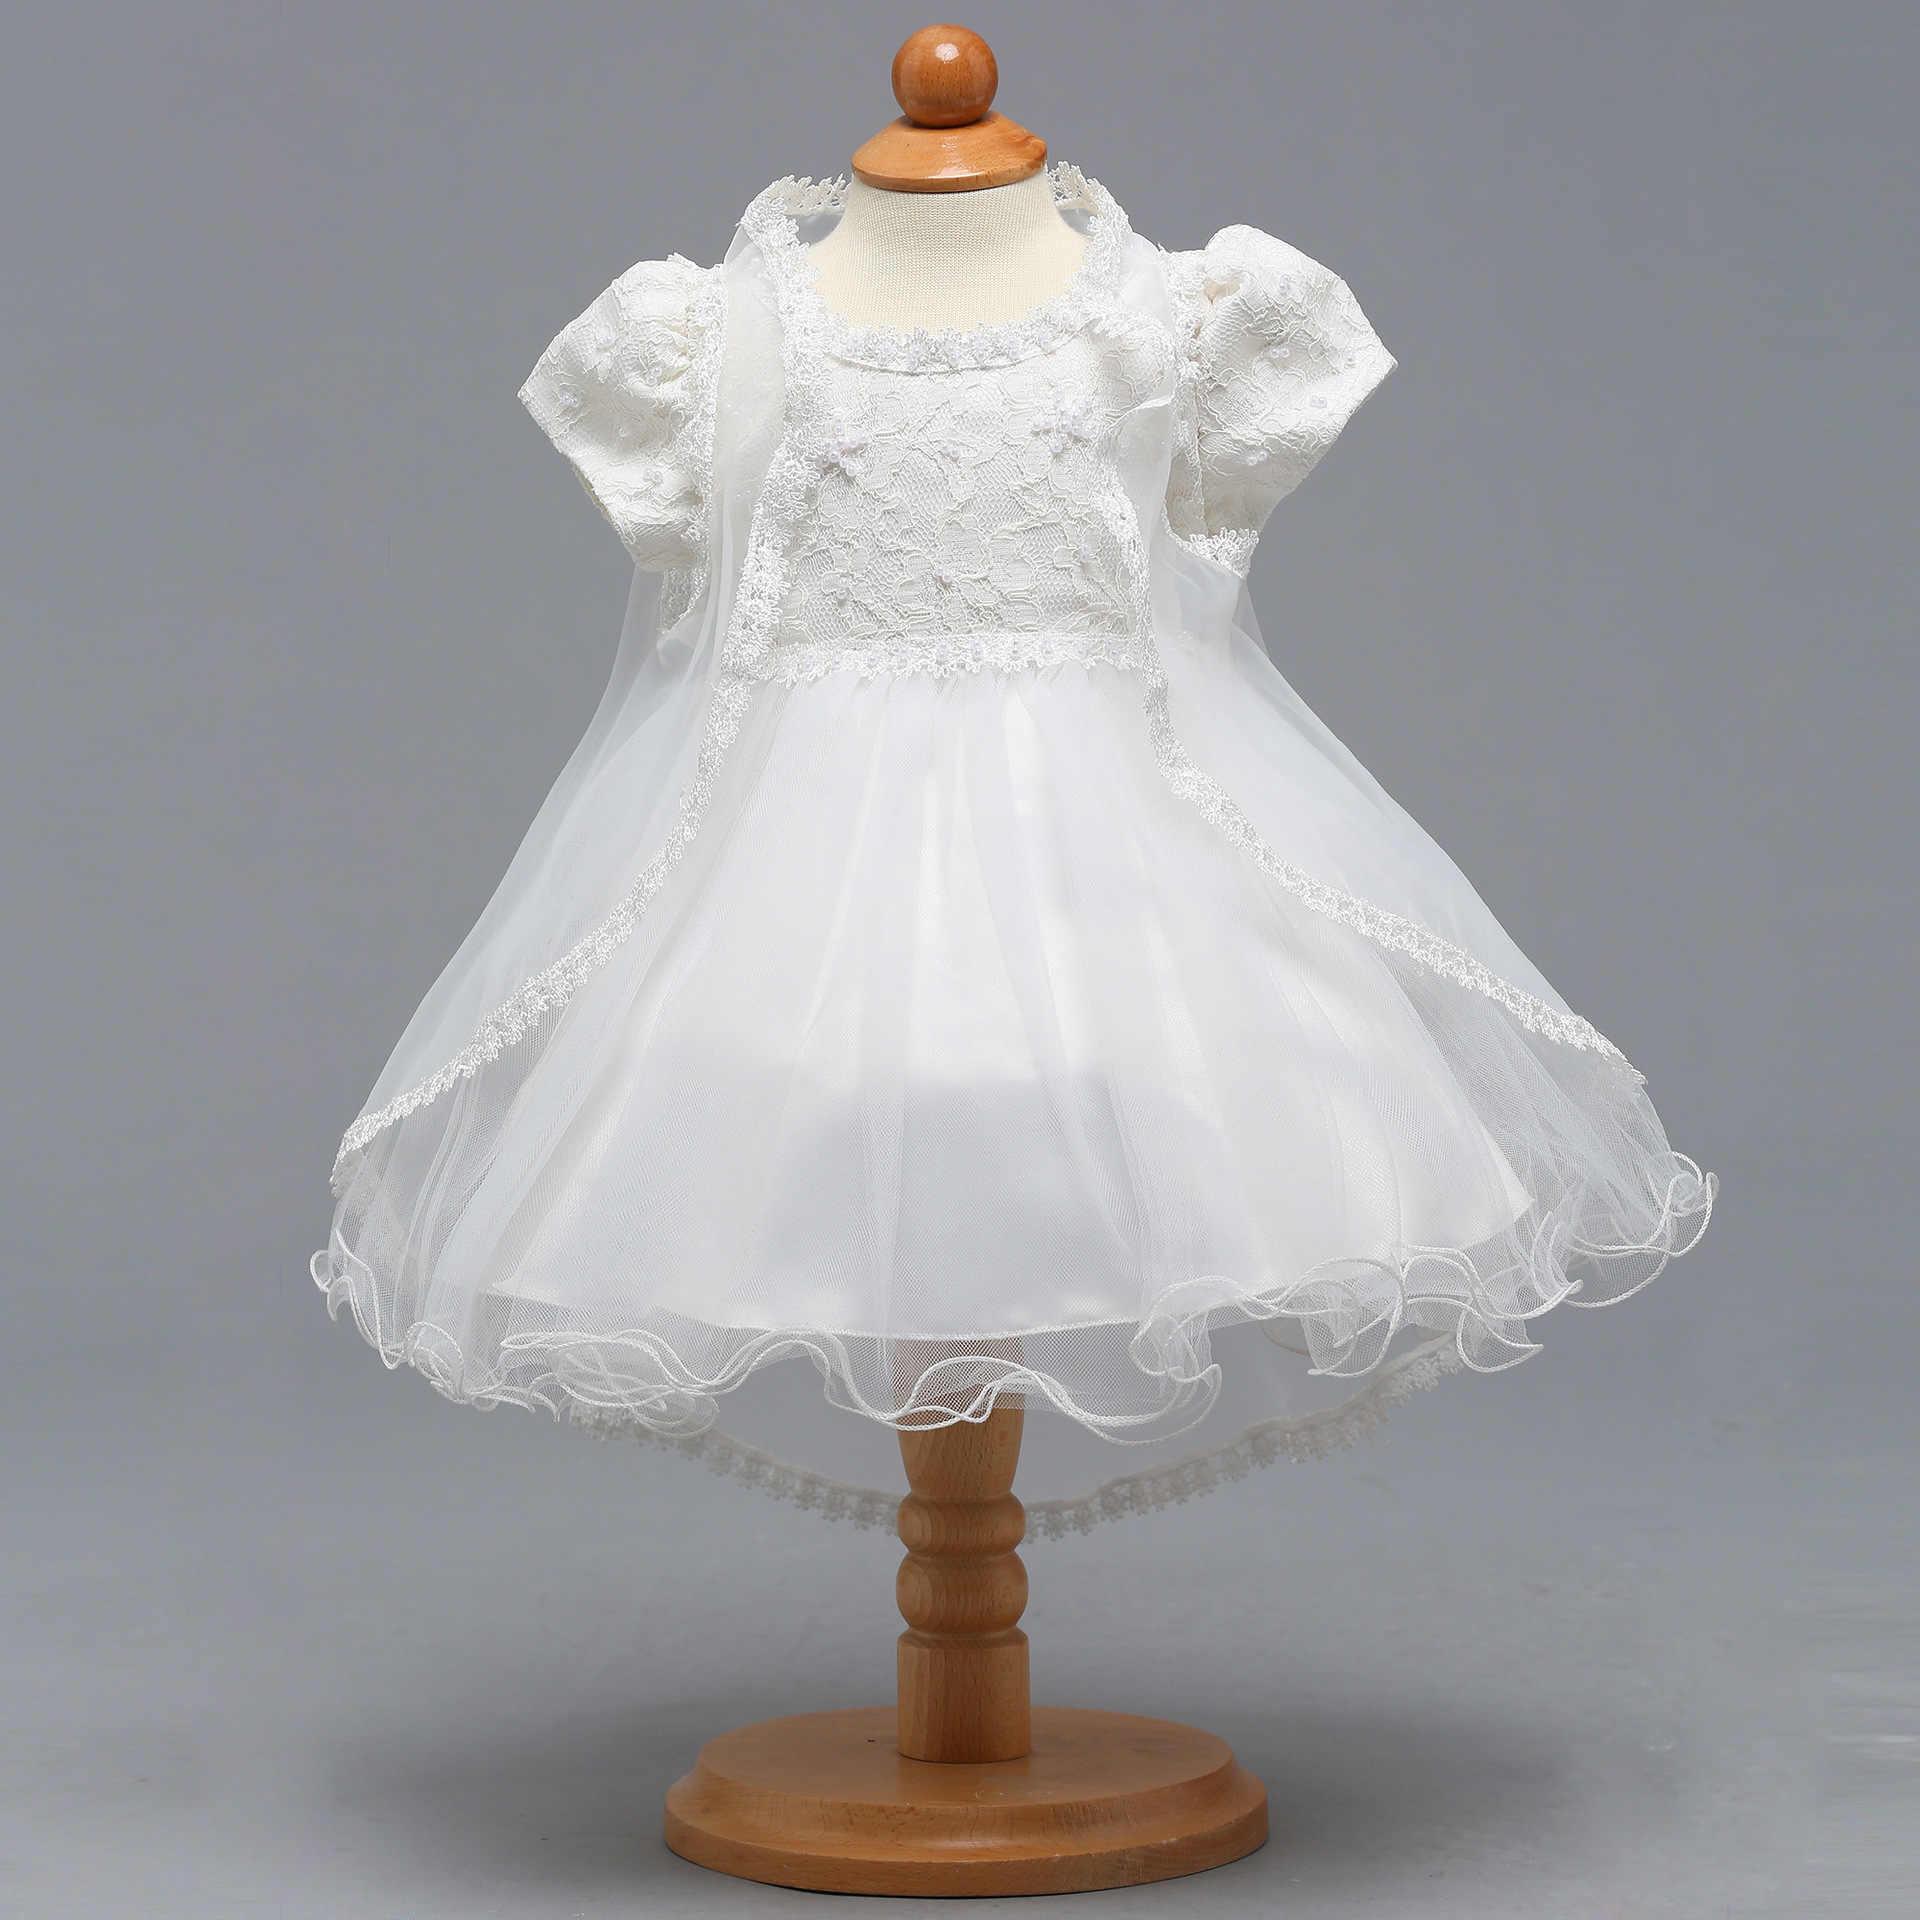 קיץ תינוק פנינת ציפורן מלא ירח יום הולדת נסיכת כותנה קוריאני שמלת רצועת קצר שרוול צעיף שתי חתיכות להגדיר ילדי בגדים